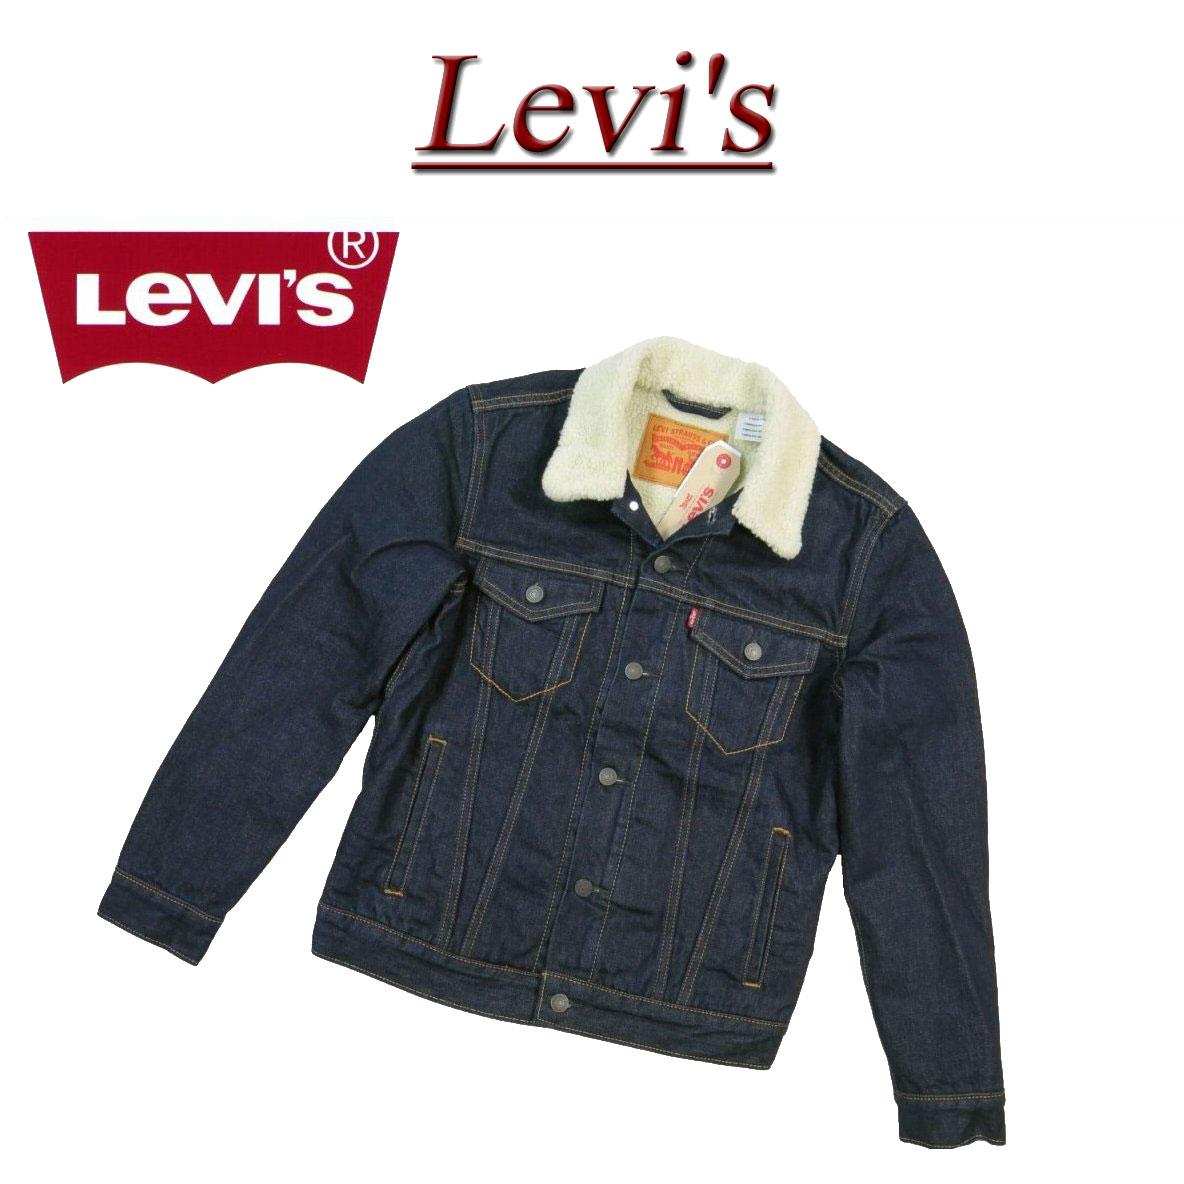 Af251 New Article Levis Us Line Third Type Back Pile Boa Denim Jacket G Jean Men Levis Sherpa Trucker 3rd Type Denim Jacket Regular Fit 70598 0027